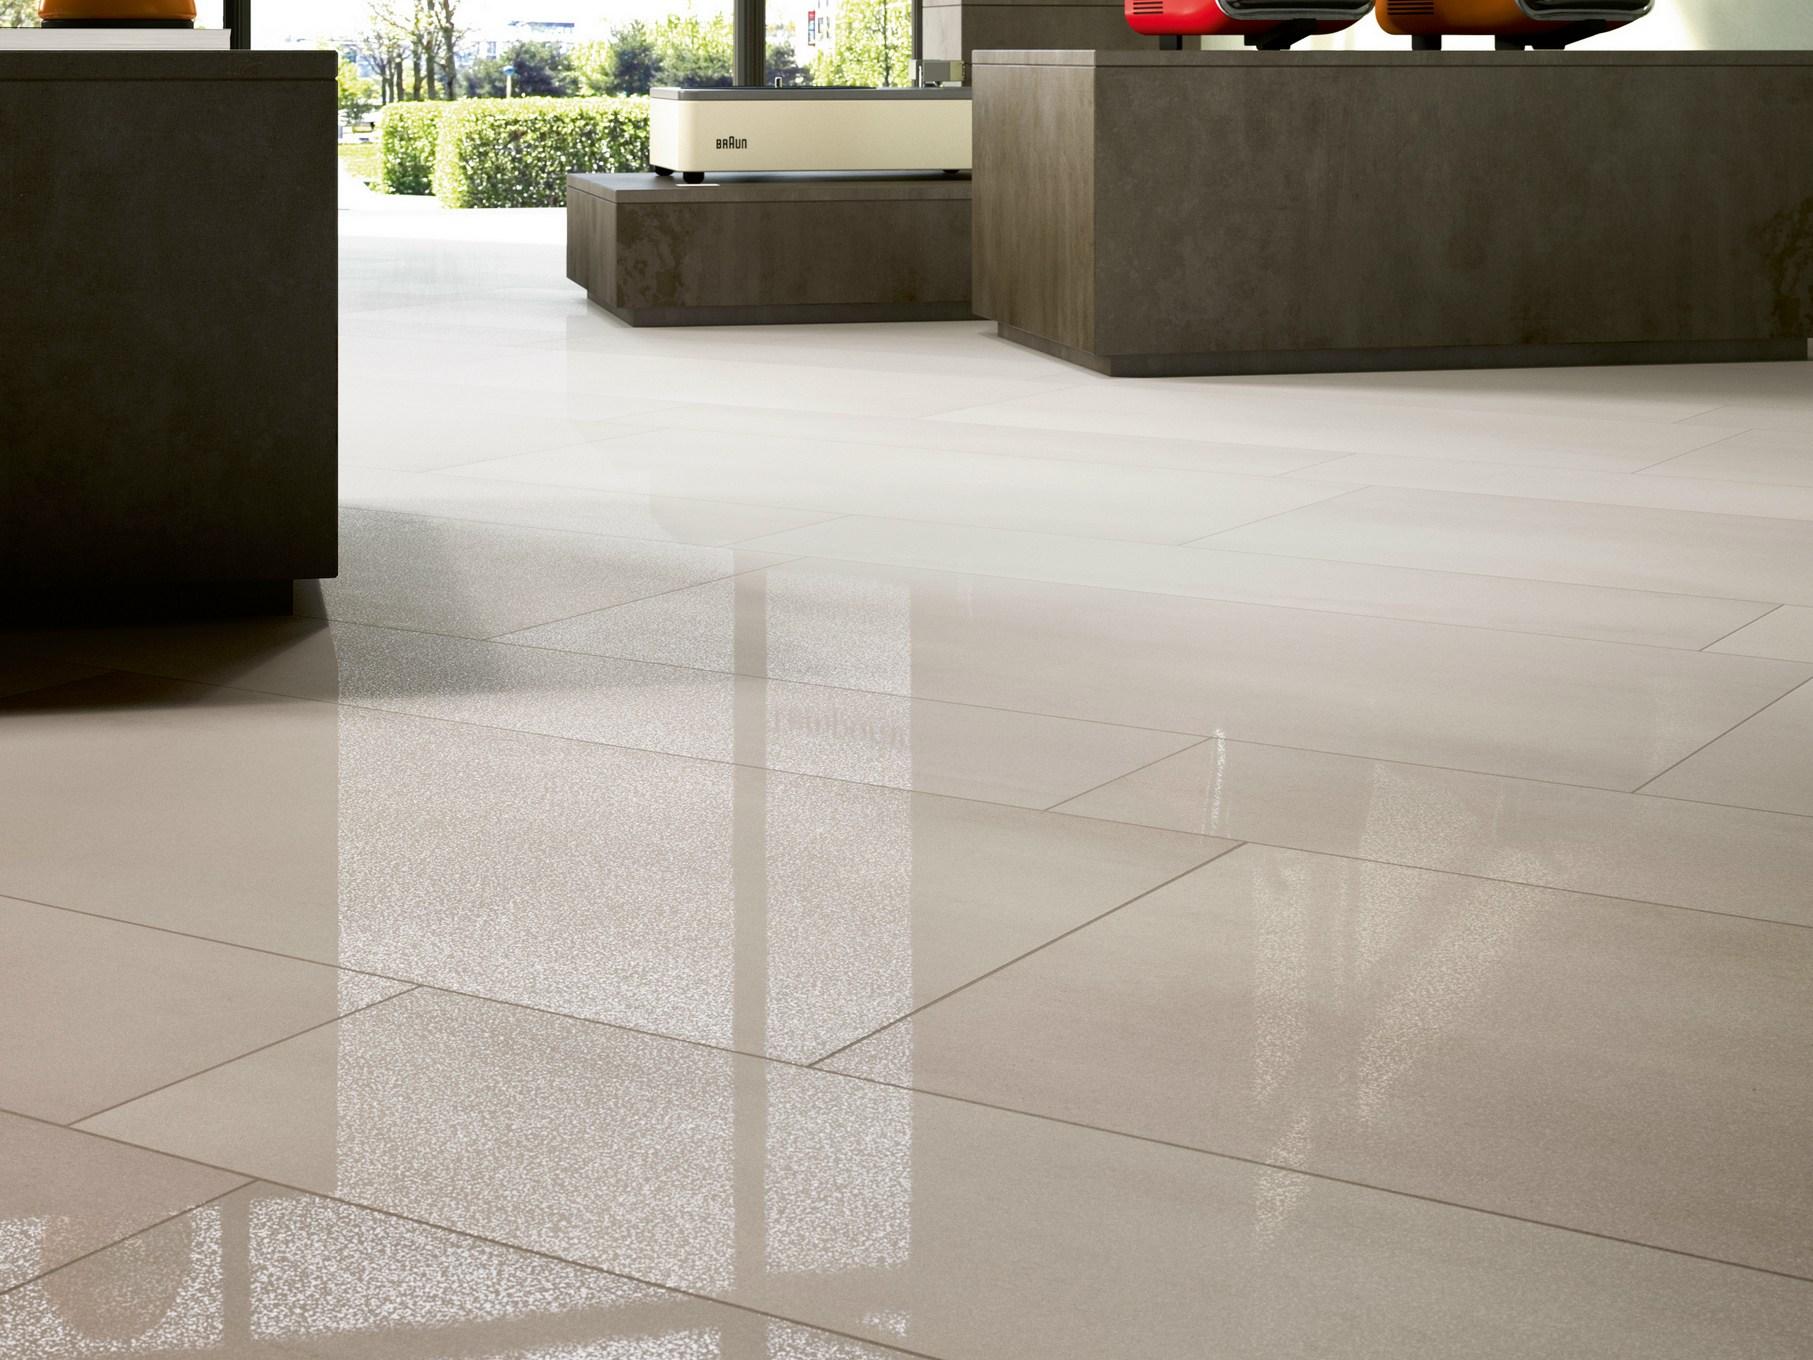 Pavimenti lucidi moderni pavimenti gres marmo travertino for Gres porcellanato effetto legno leroy merlin